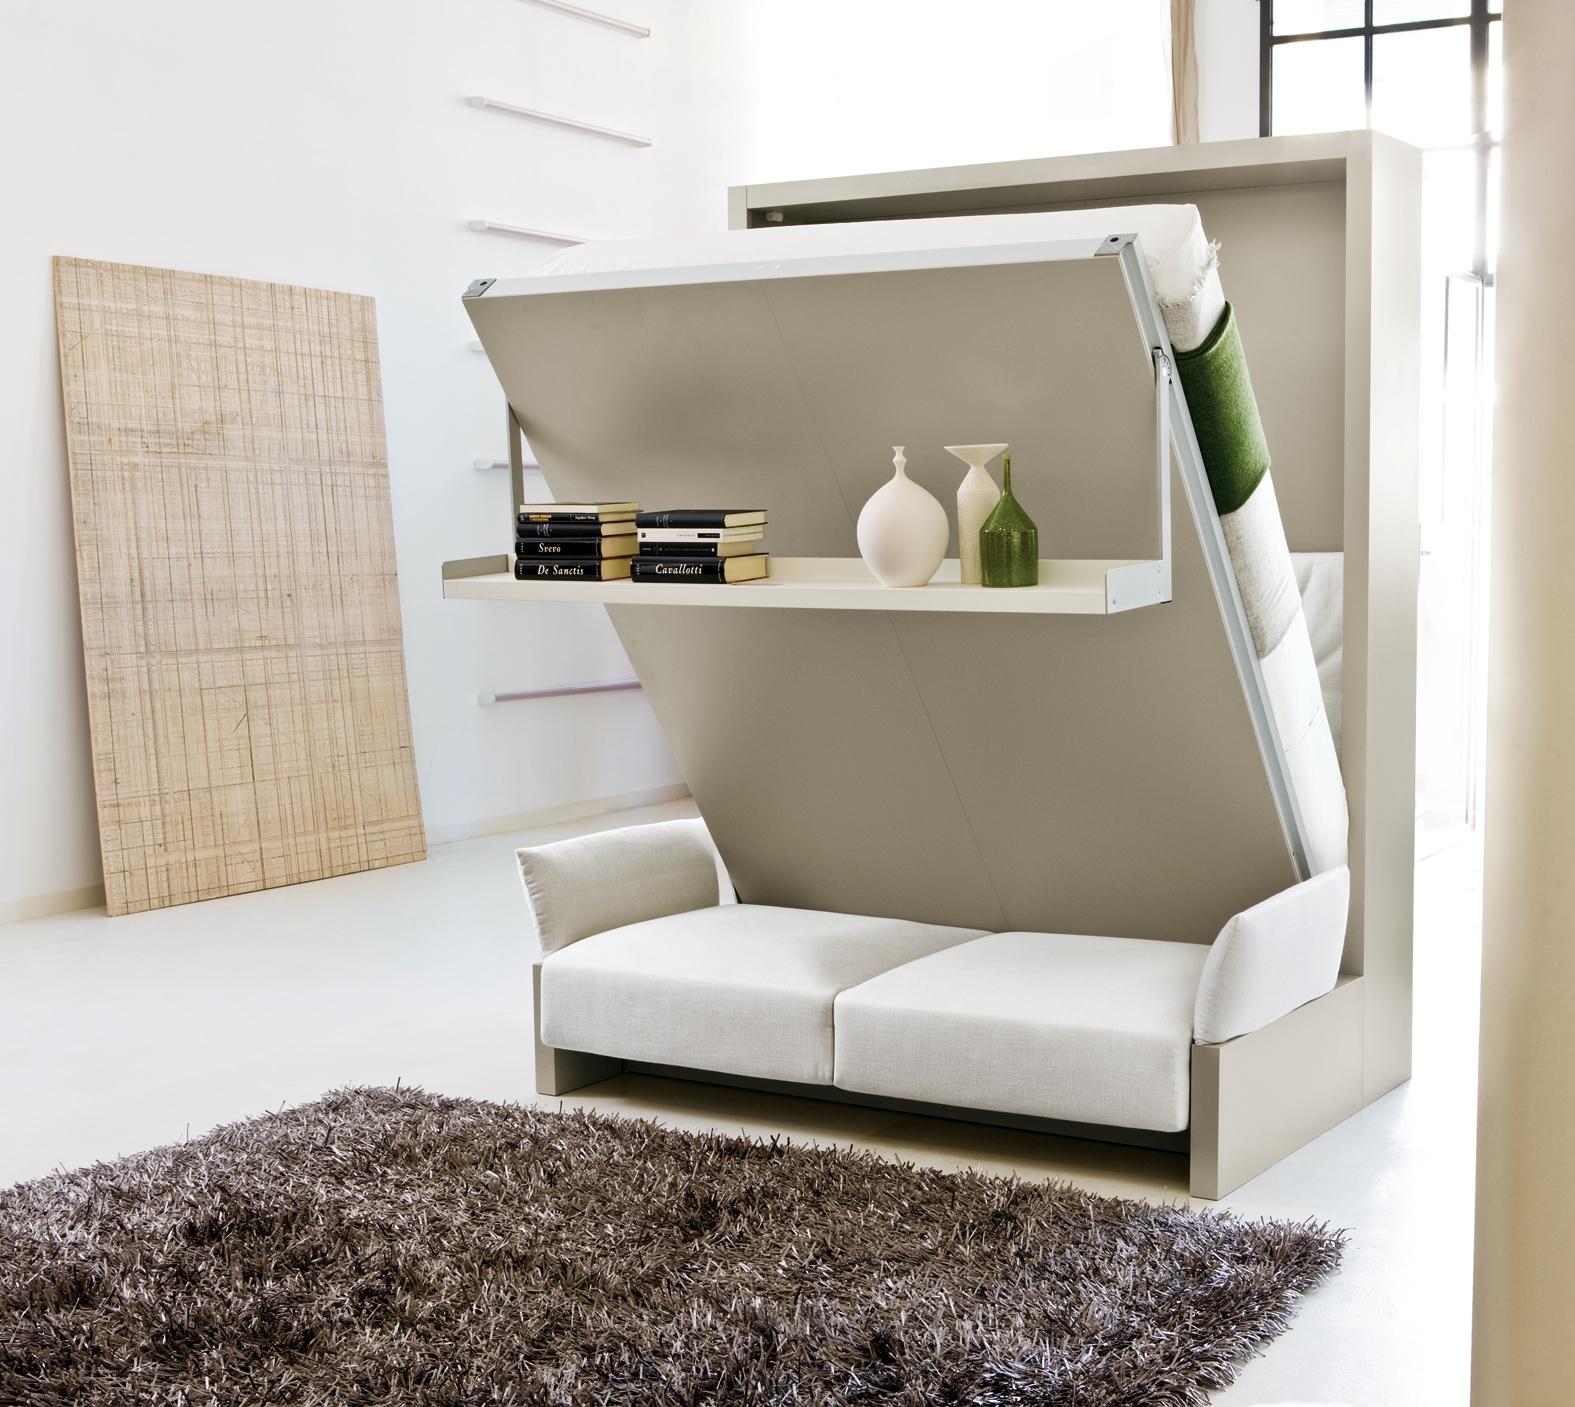 Letti a scomparsa cura dei mobili modelli di letti a - Modelli letti matrimoniali ...